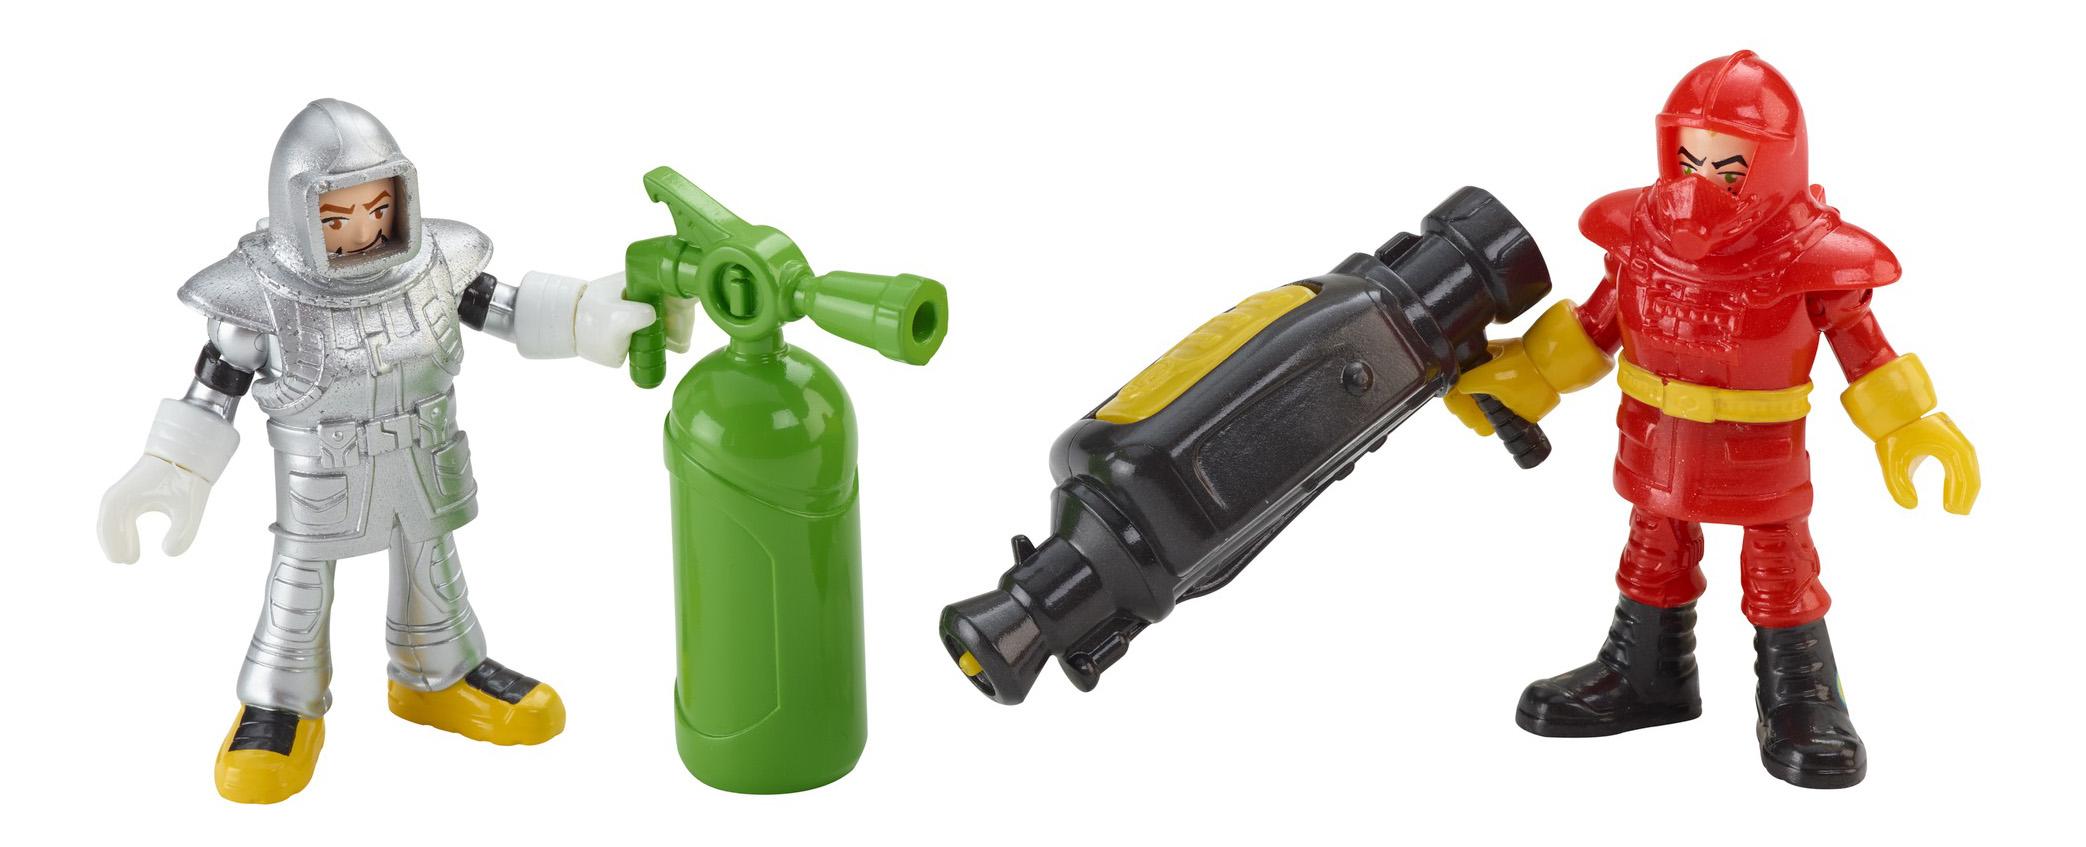 Купить Игровой набор Imaginext® Базовый игровой набор городские спасатели CJM55 CFC15, Игровые наборы